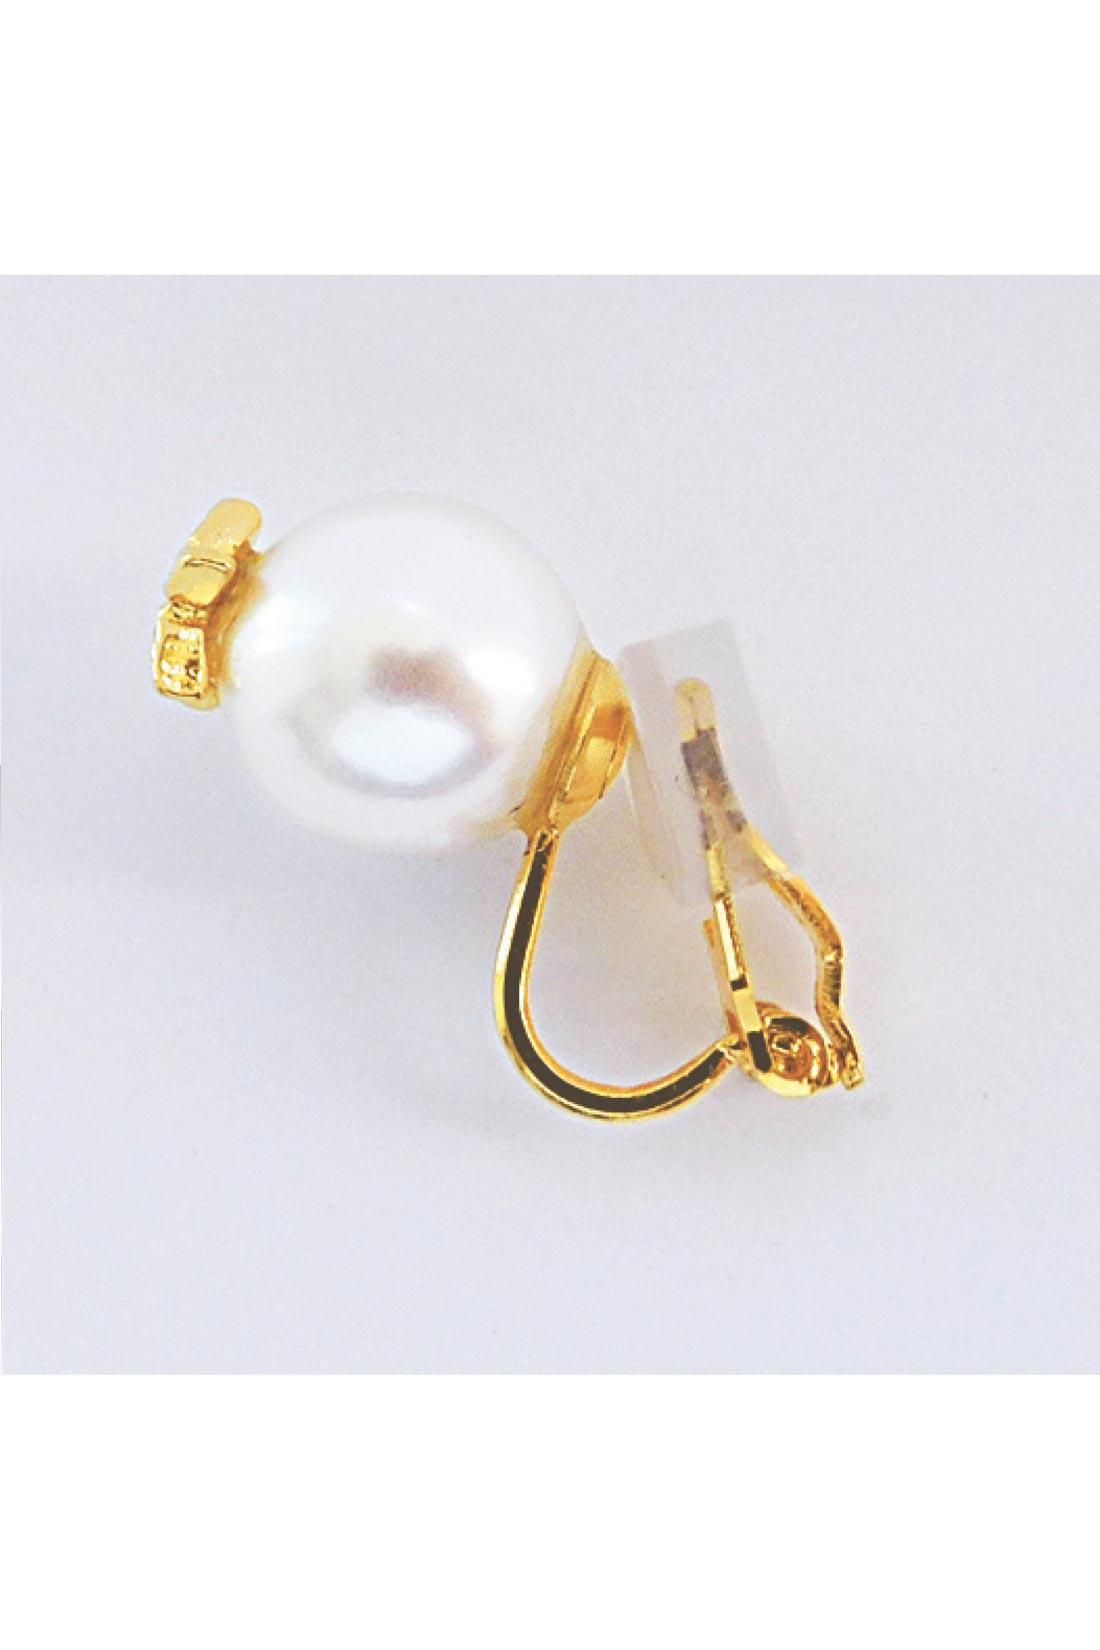 ピアス派の人も、イヤリング派の人もおまかせ。金具にシリコーンカバー付きなのもうれしいね。